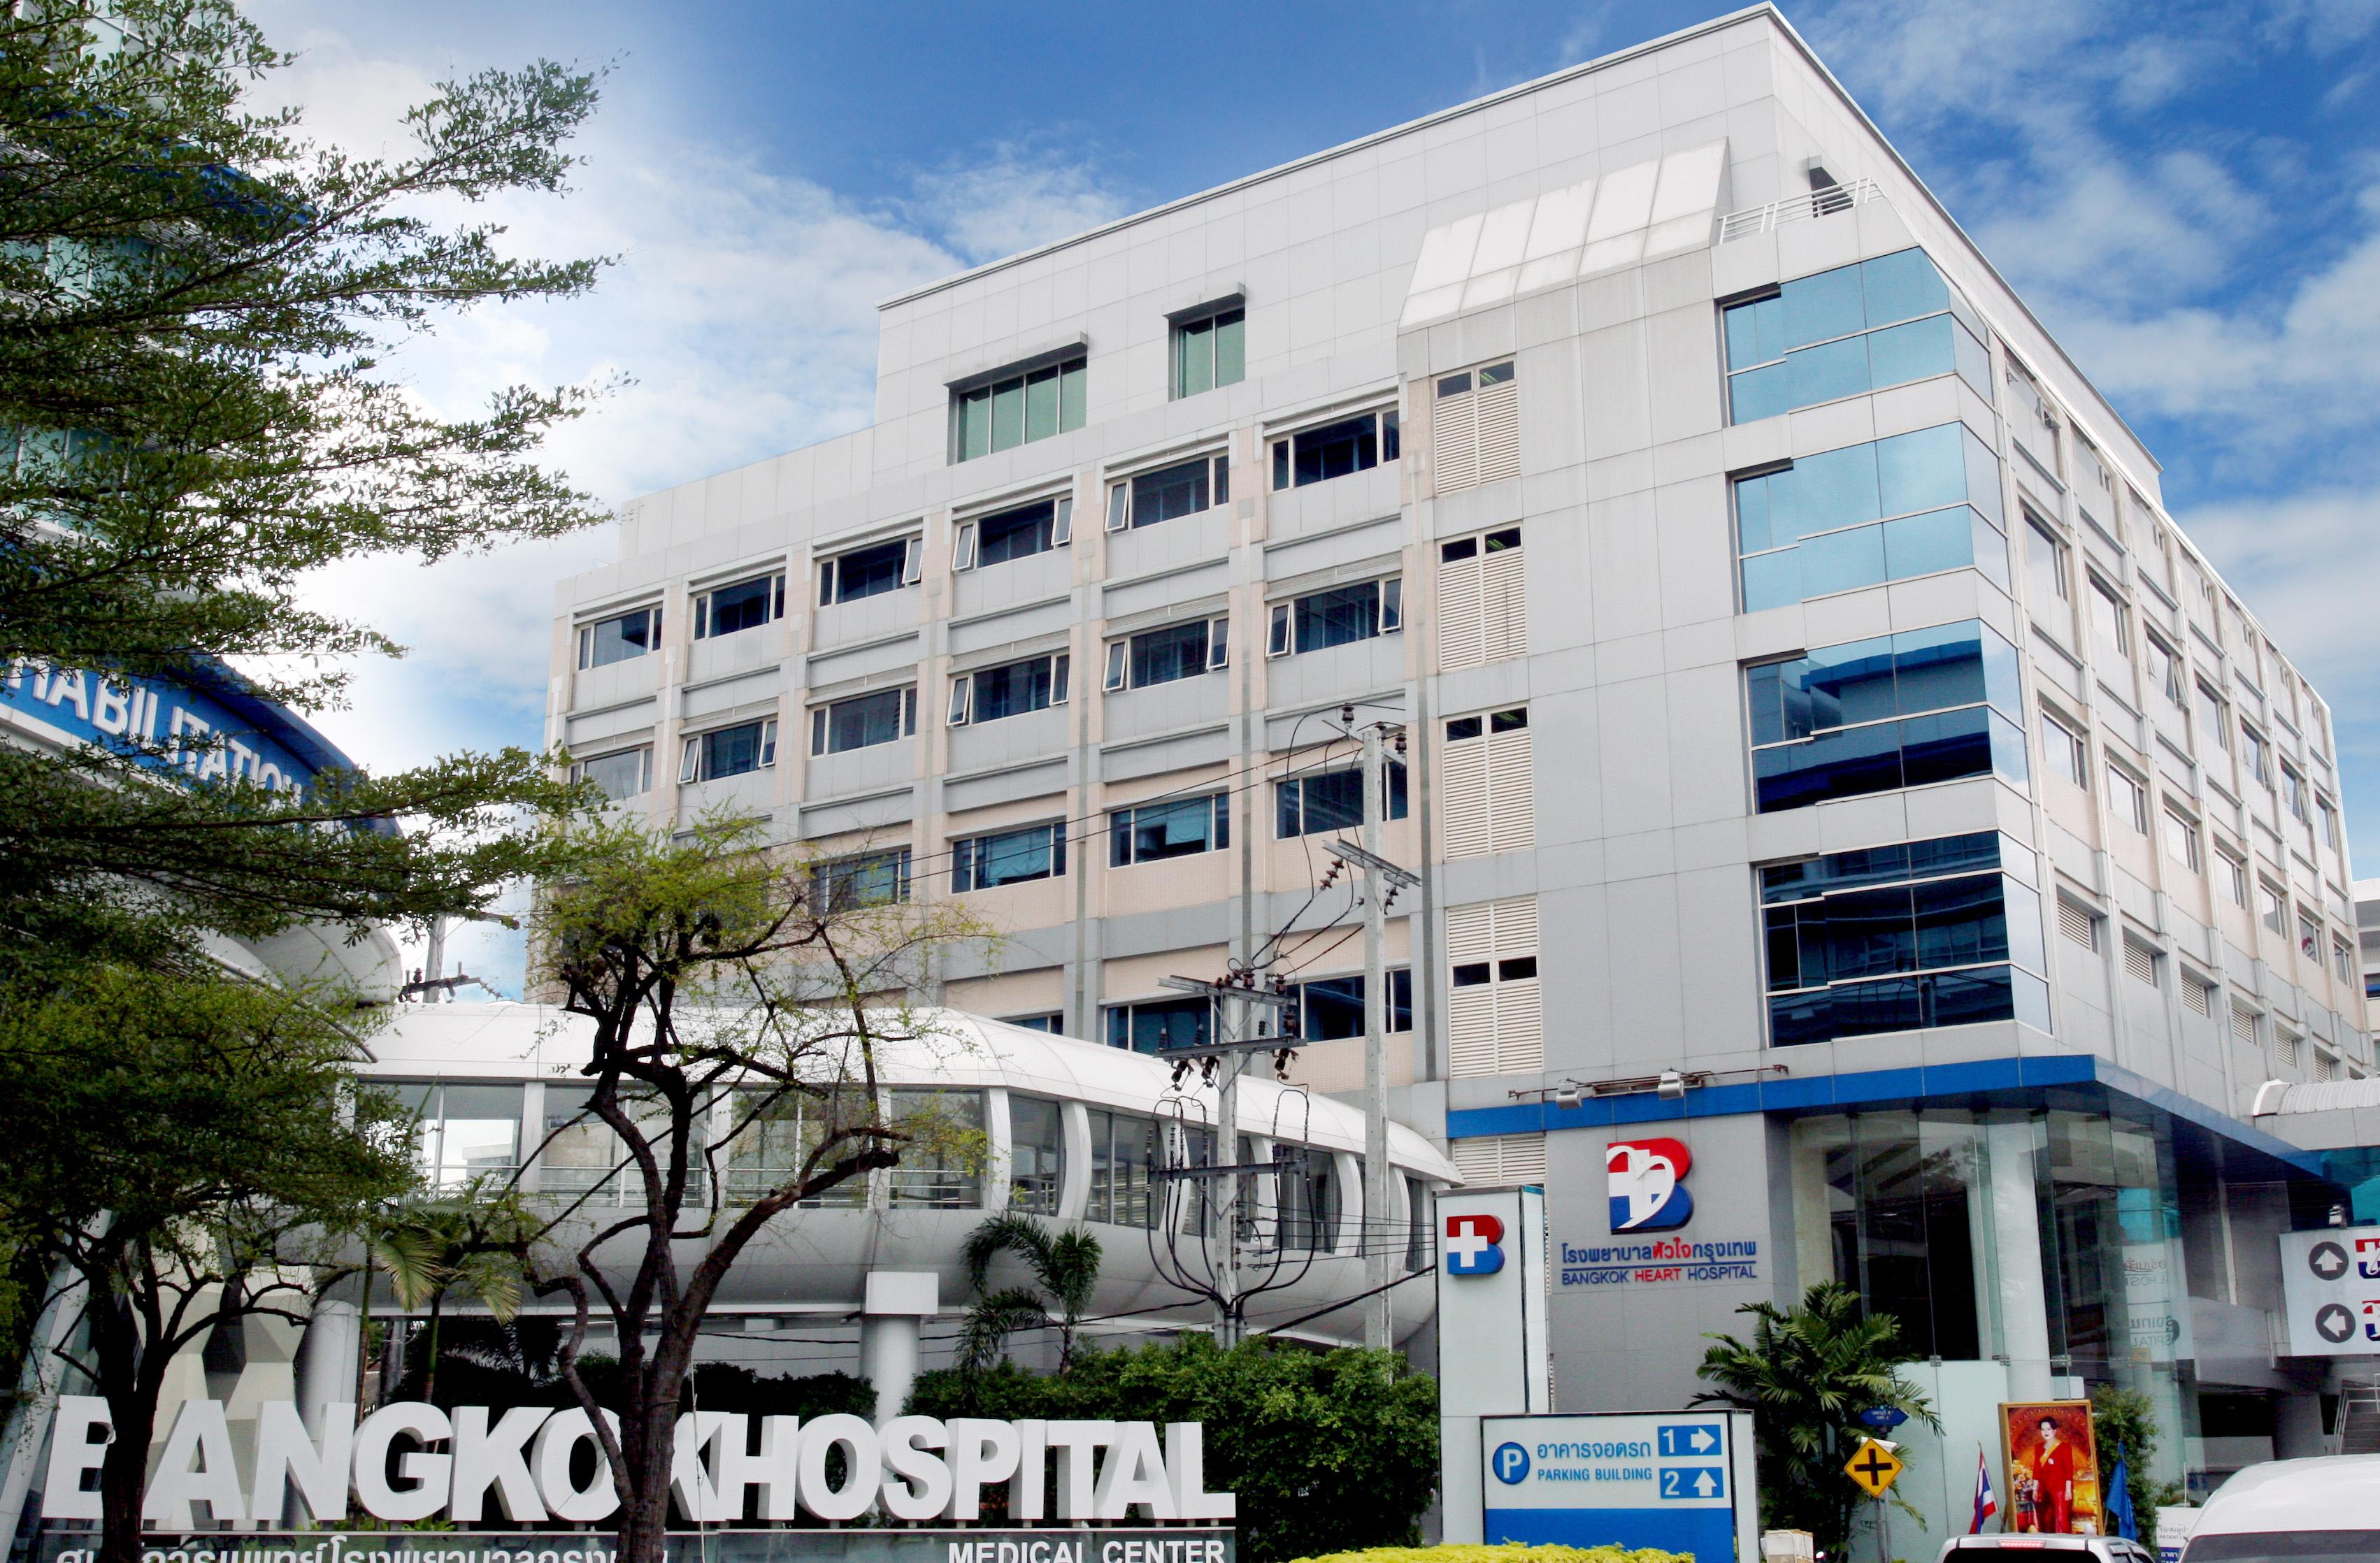 BangkokheartHospital